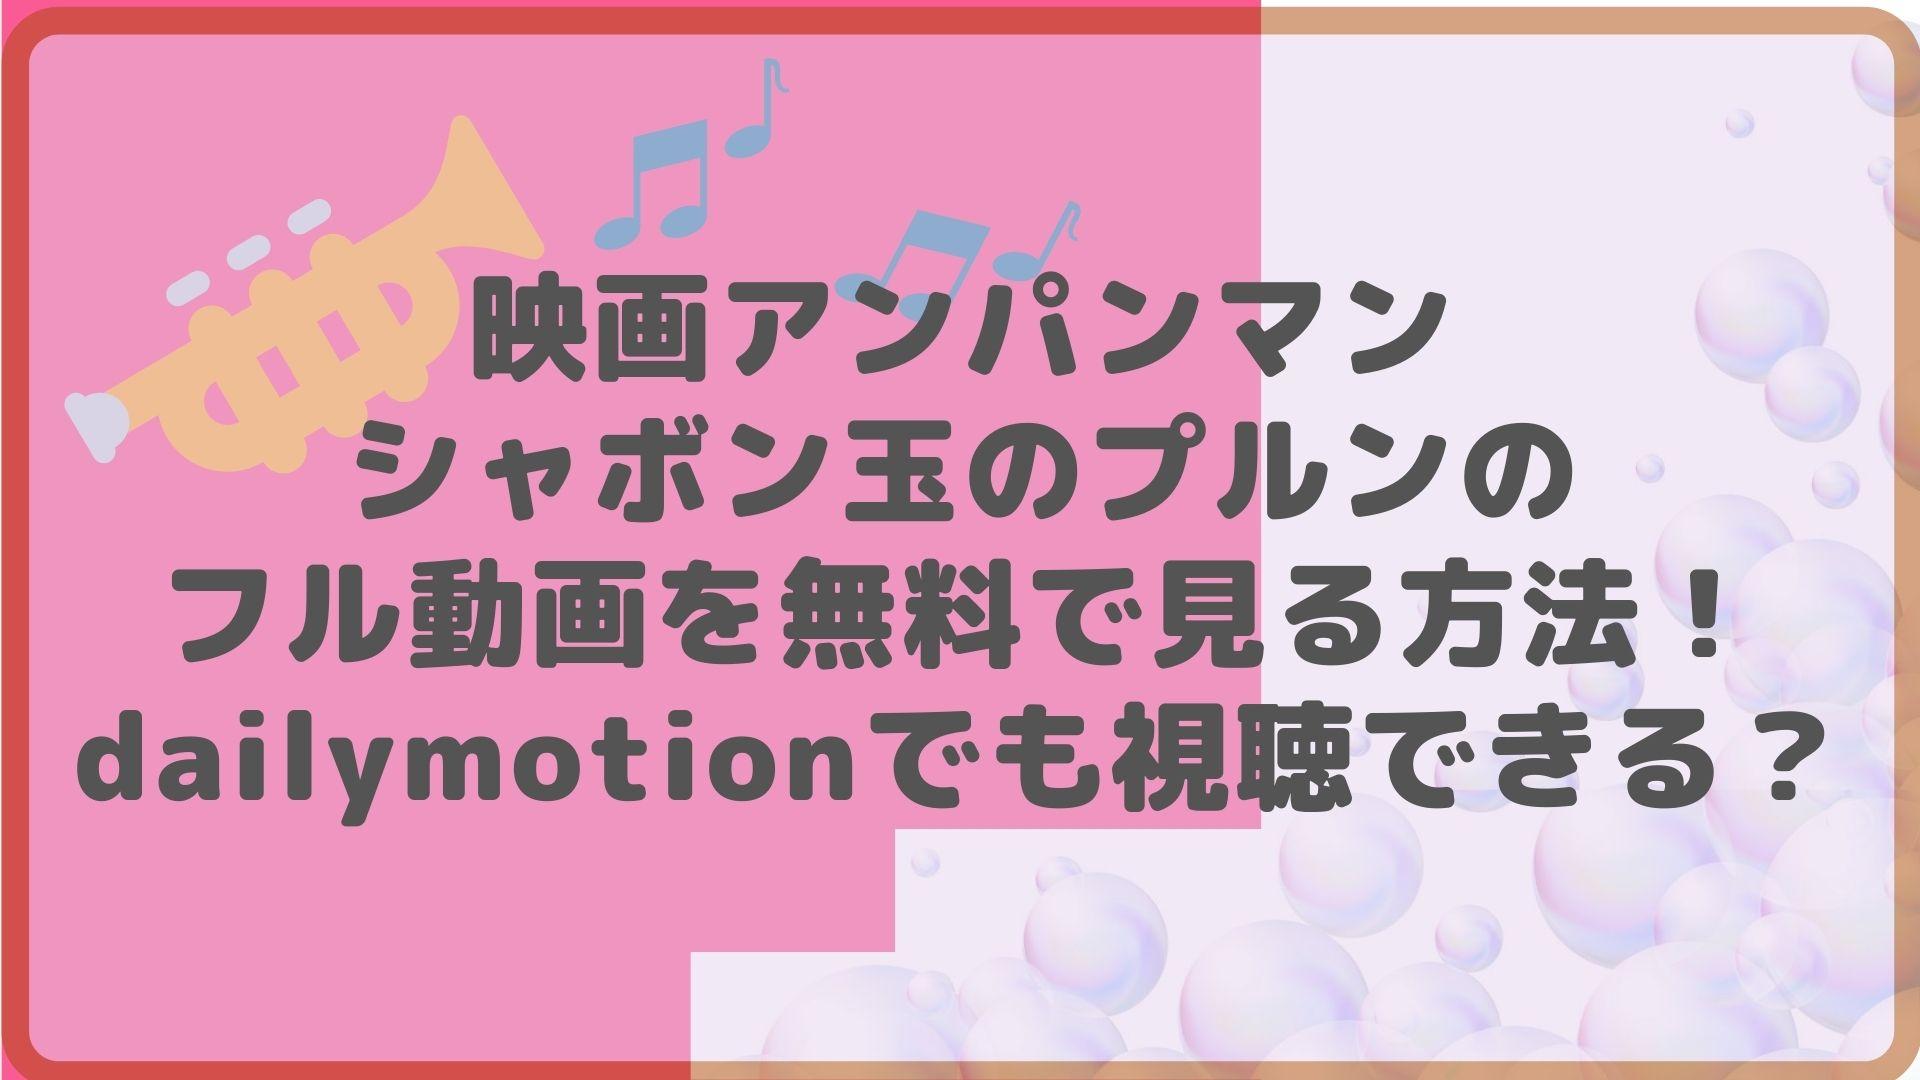 映画アンパンマンシャボン玉のプルンのフル動画を無料で見る方法!dailymotionでも視聴できる?タイトル画像